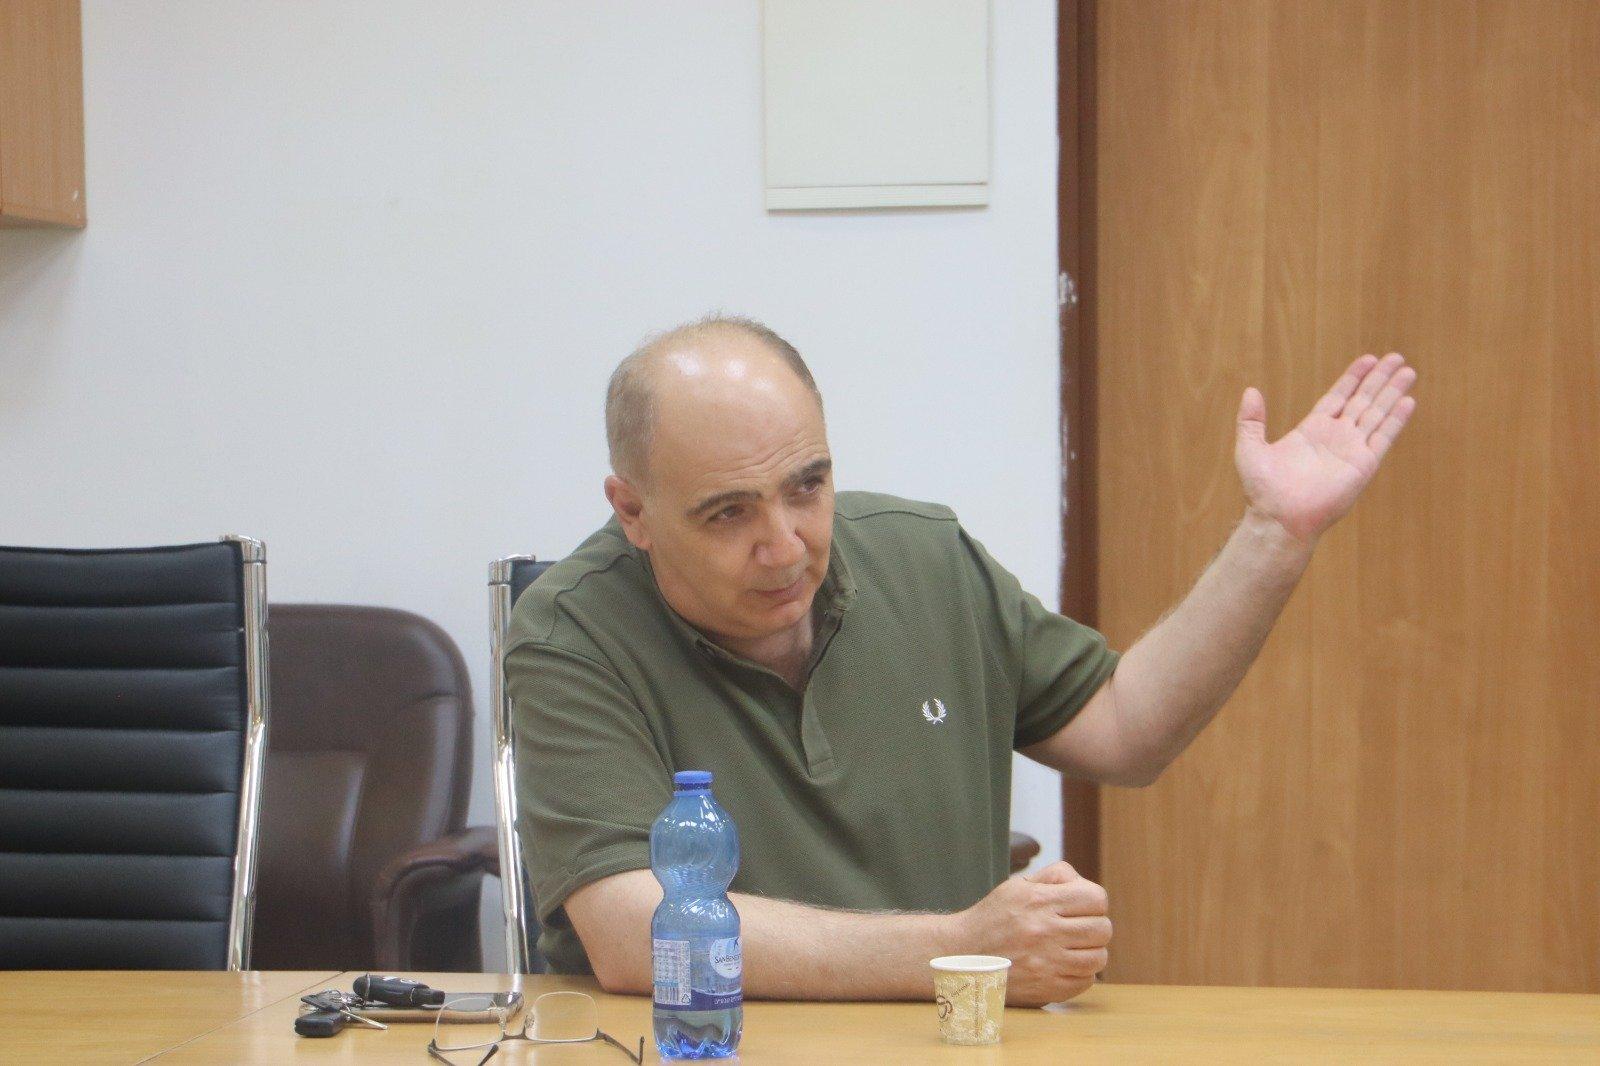 وفد وإدانة حادثة العنف التي تعرض لها رئيس باقة الغربية-12